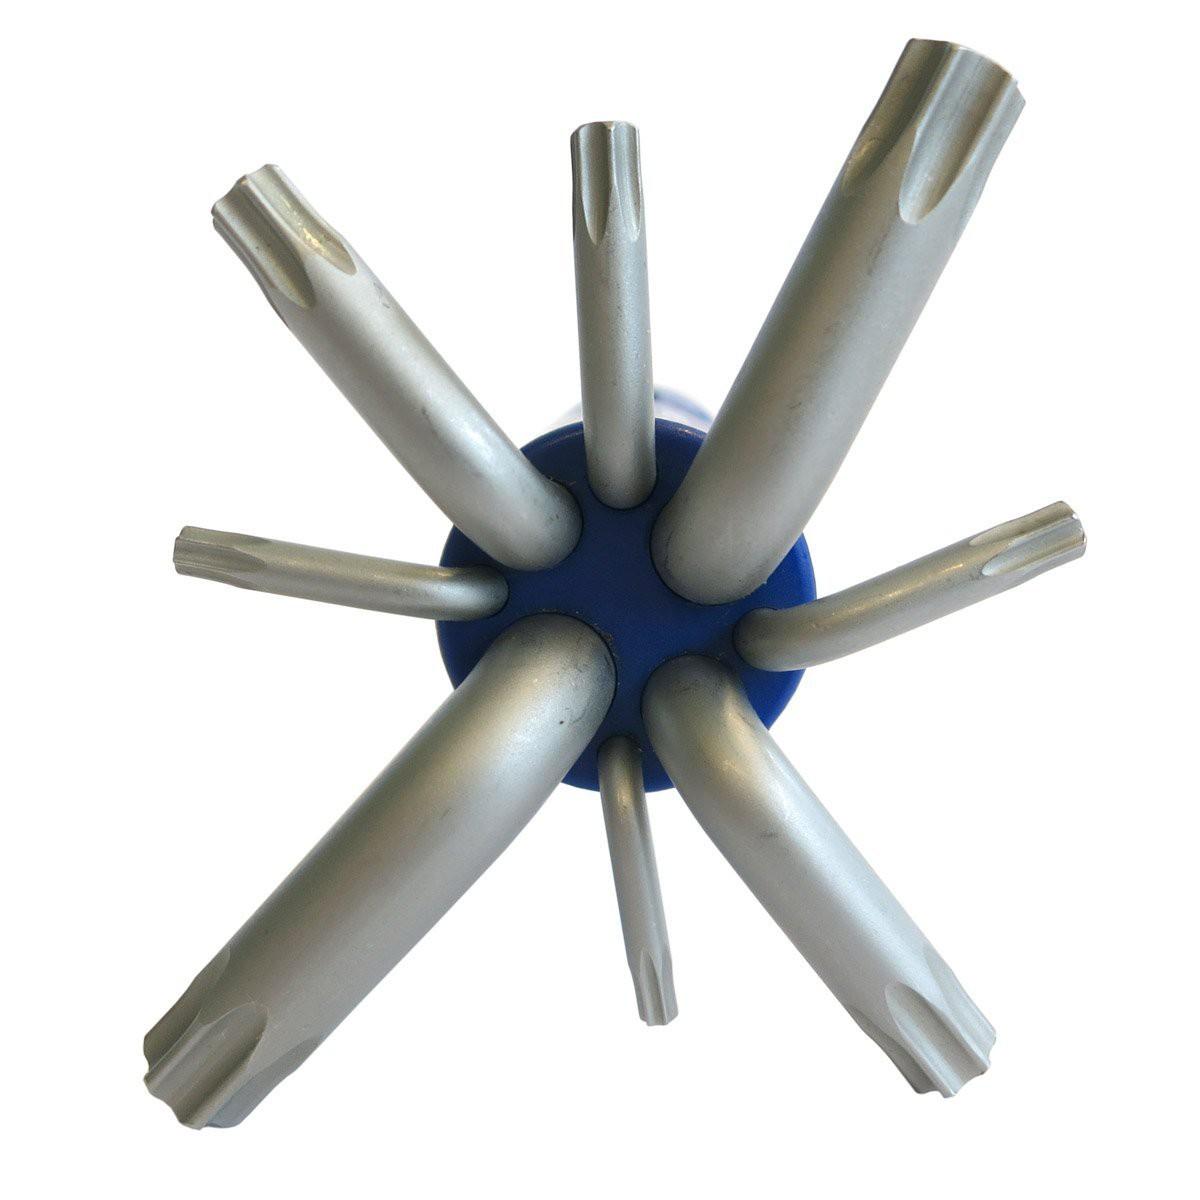 Winkelschlüsselsatz Set Für TORX Schrauben Innensechskantschlüssel 9 teilig